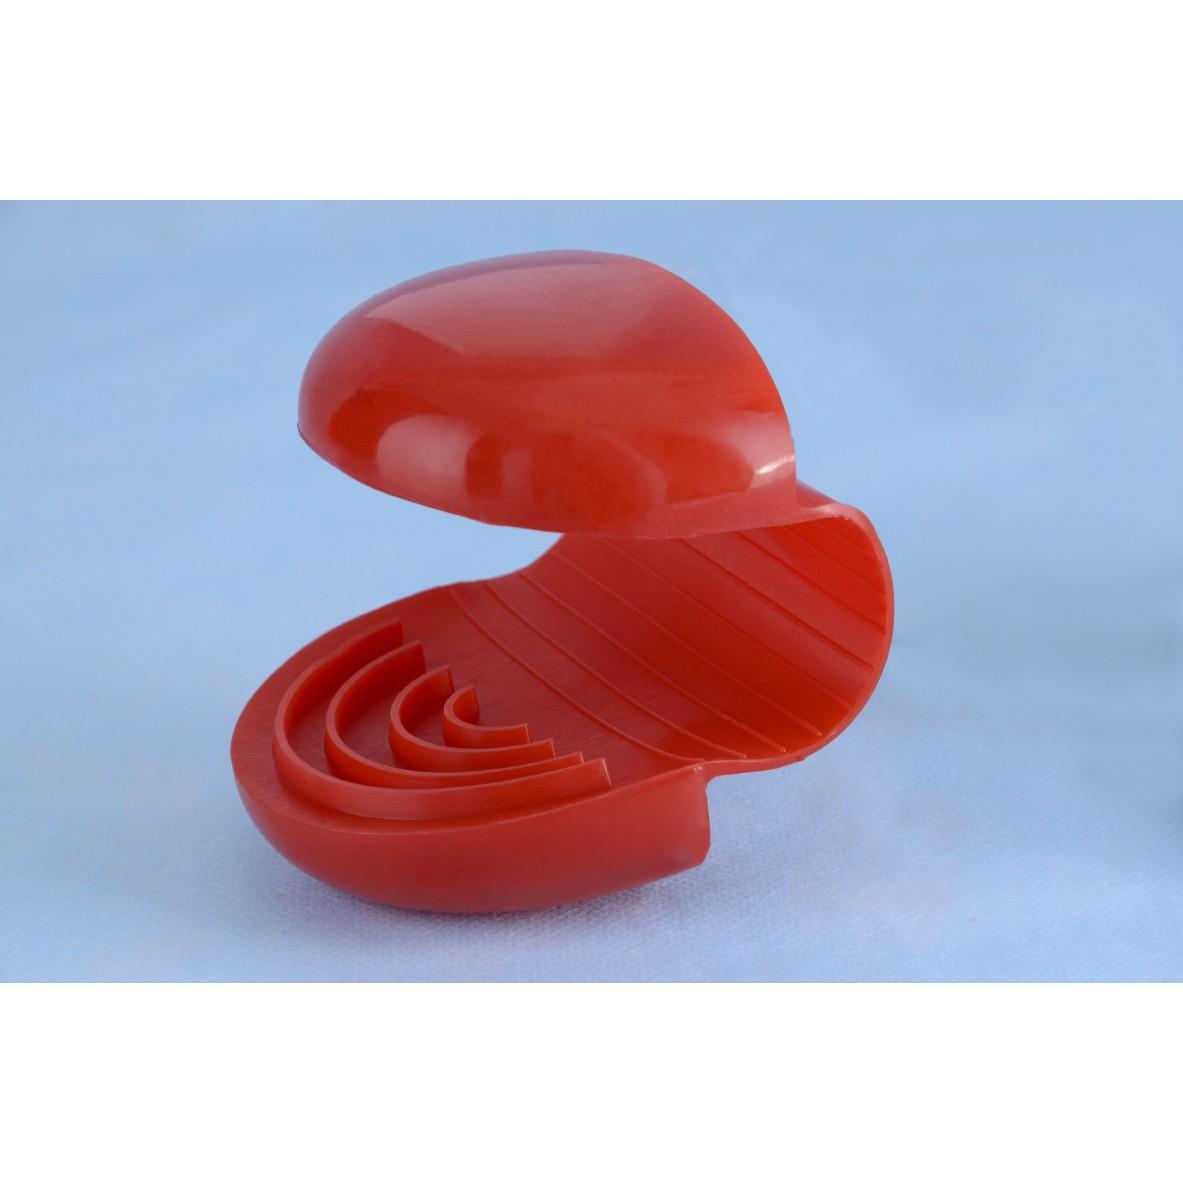 Protetor de Silicone para mãos  - loja.laborglas.com.br